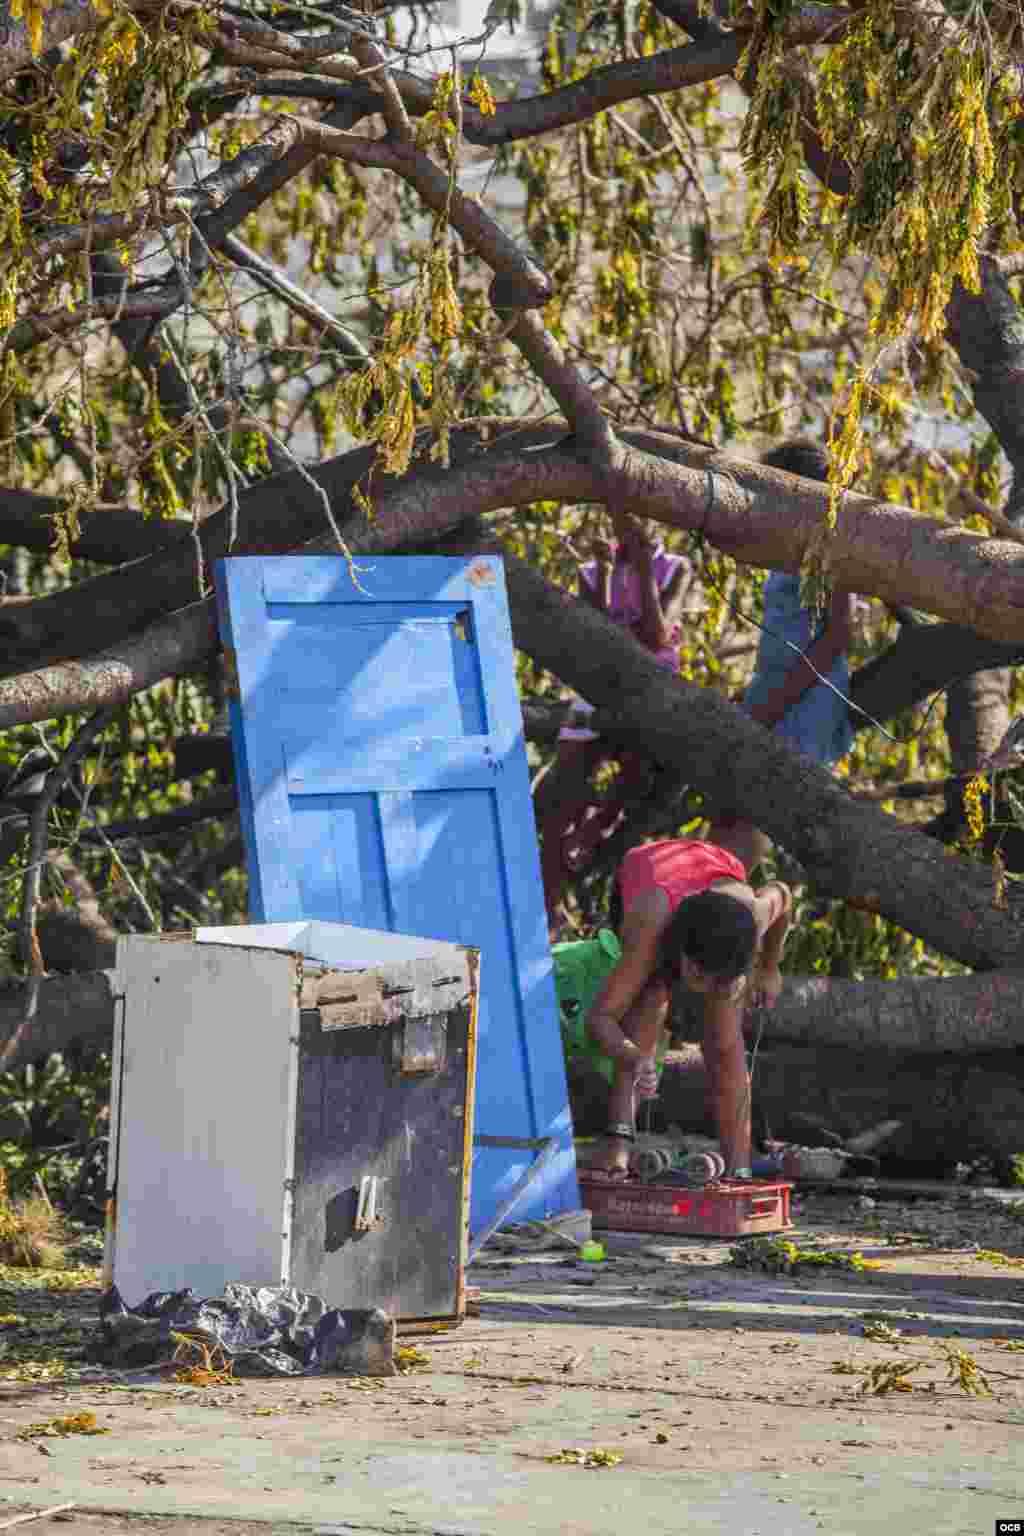 Afectados por el azote del huracán Irma en Cuba lamentaron este miércoles la falta de gestión del gobierno para hacerles llegar alimentos y agua potable, y criticaron que en medio de la tragedia los daminificados tengan que pagar por la comida en lugar de recibirla de forma gratuita. Fotos: Angélica Producciones